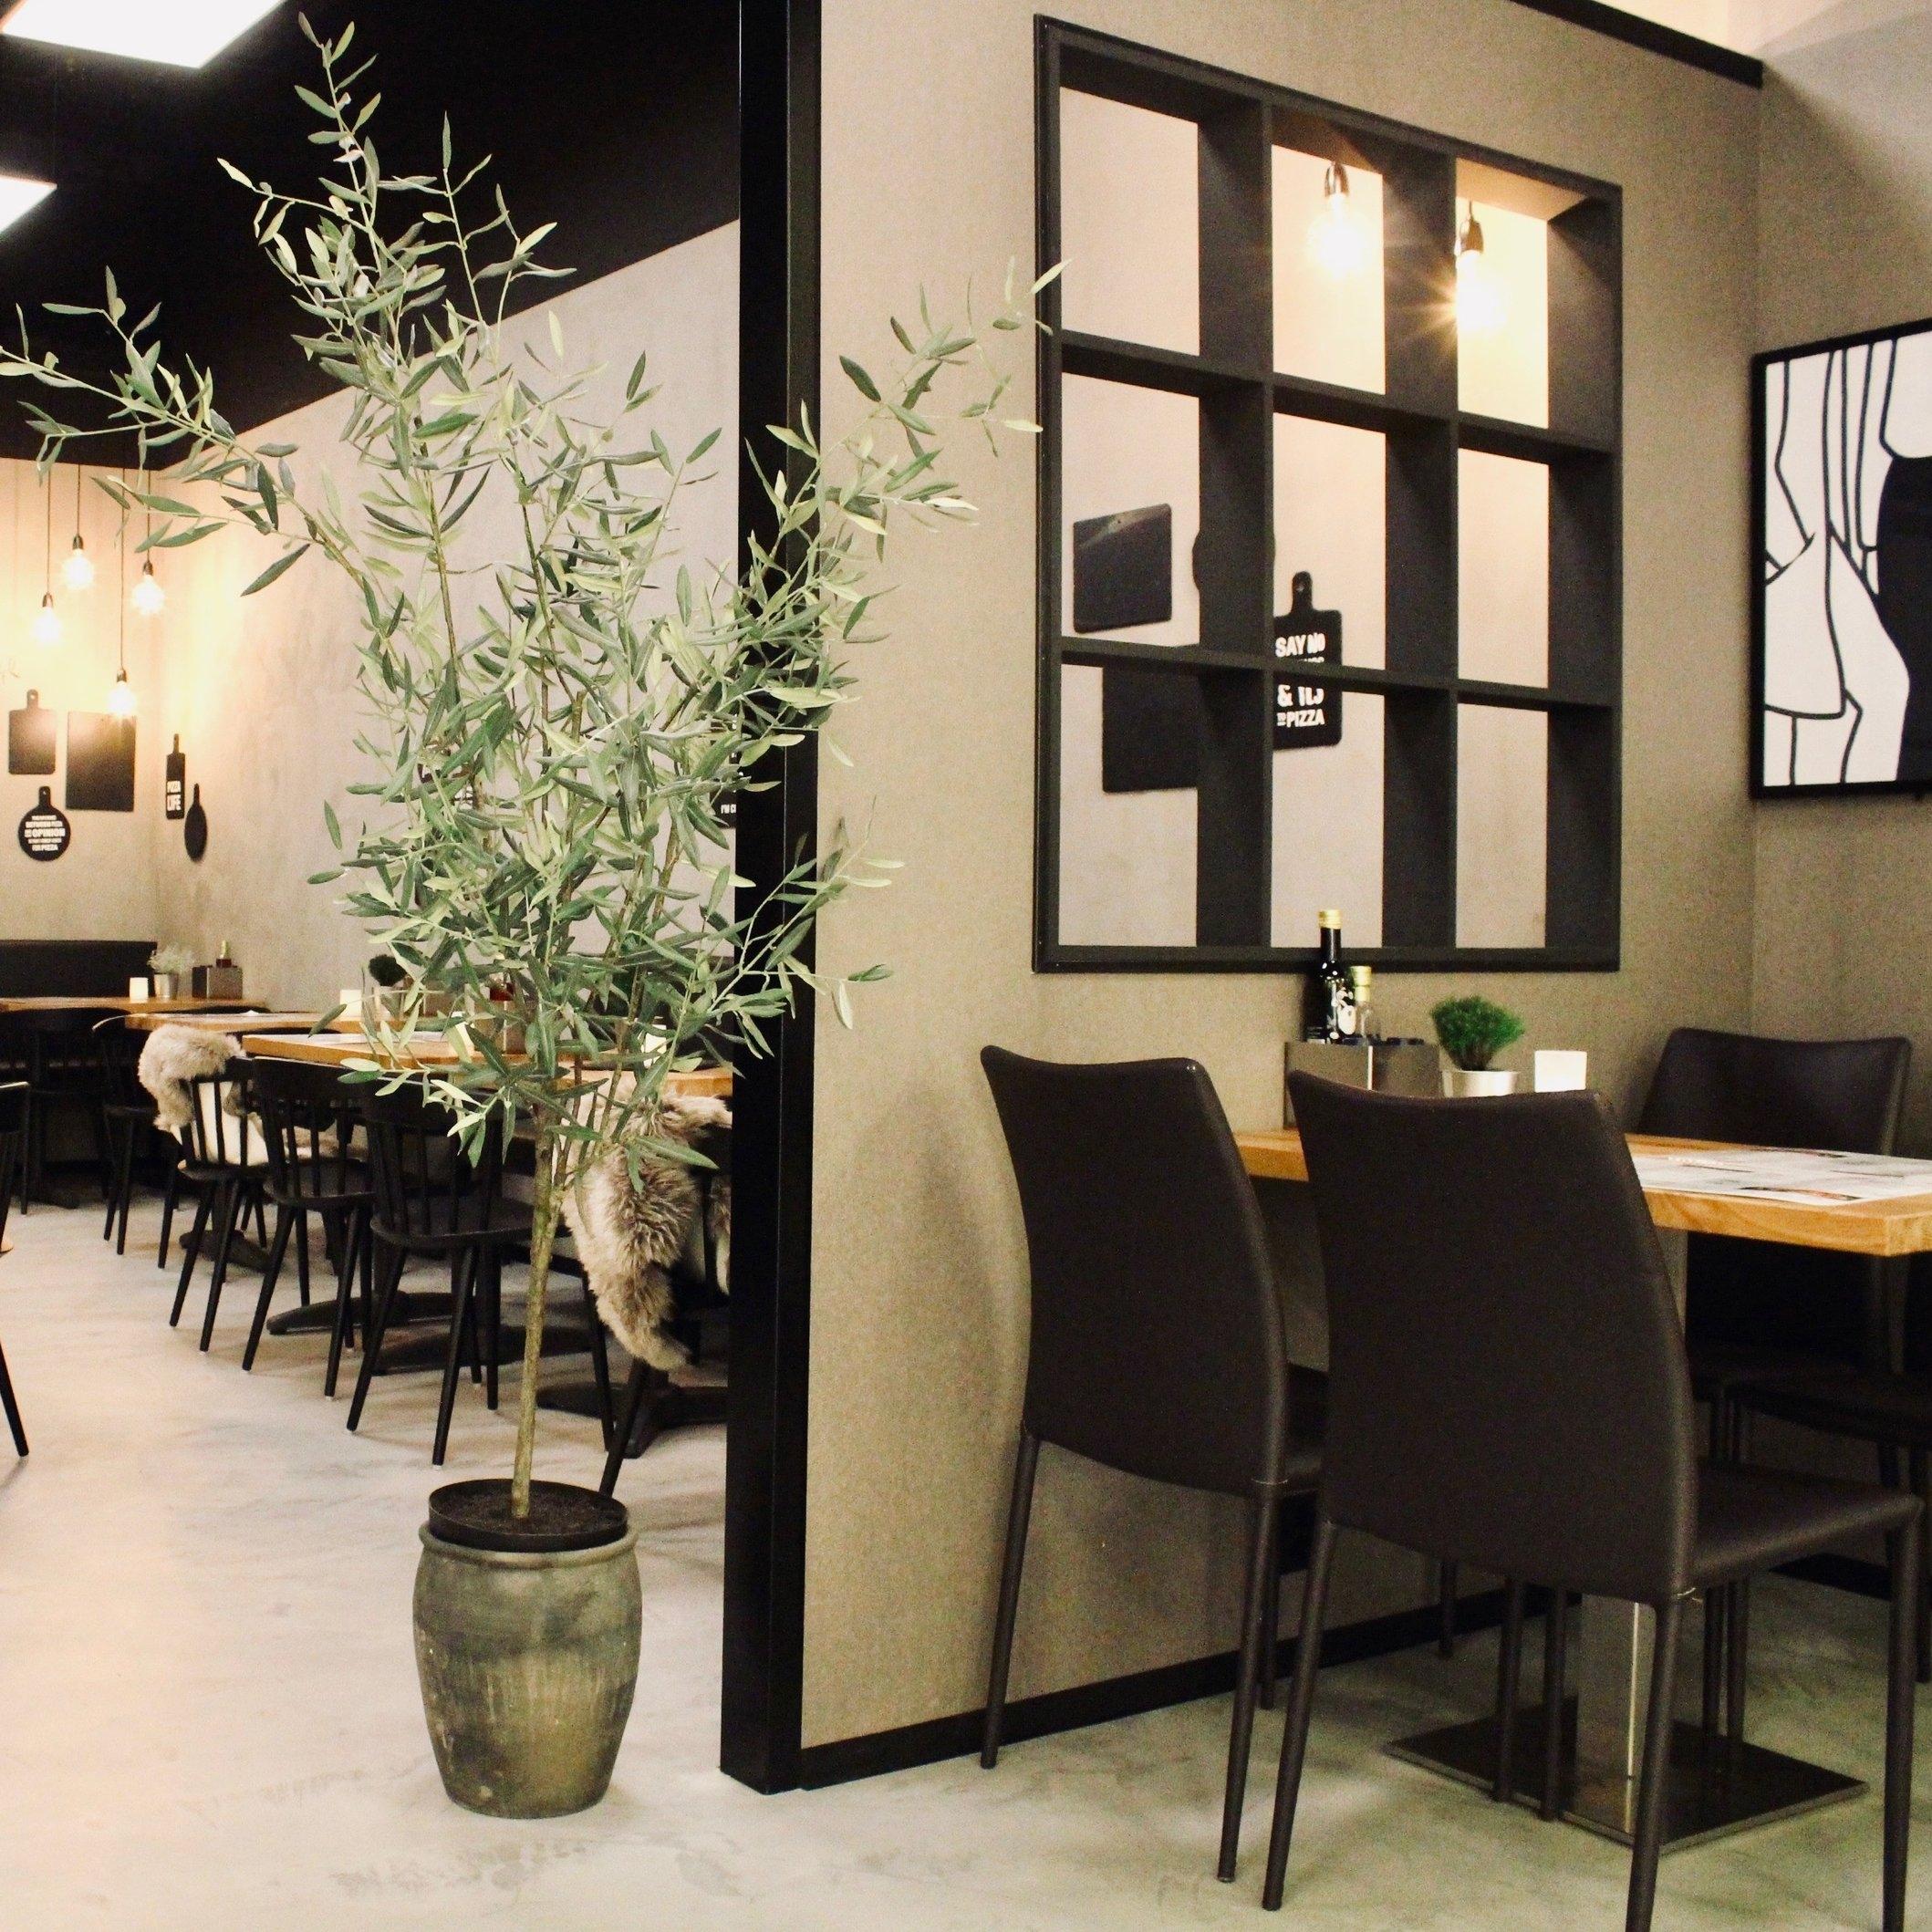 Oasen Storsenter - MM CAFE